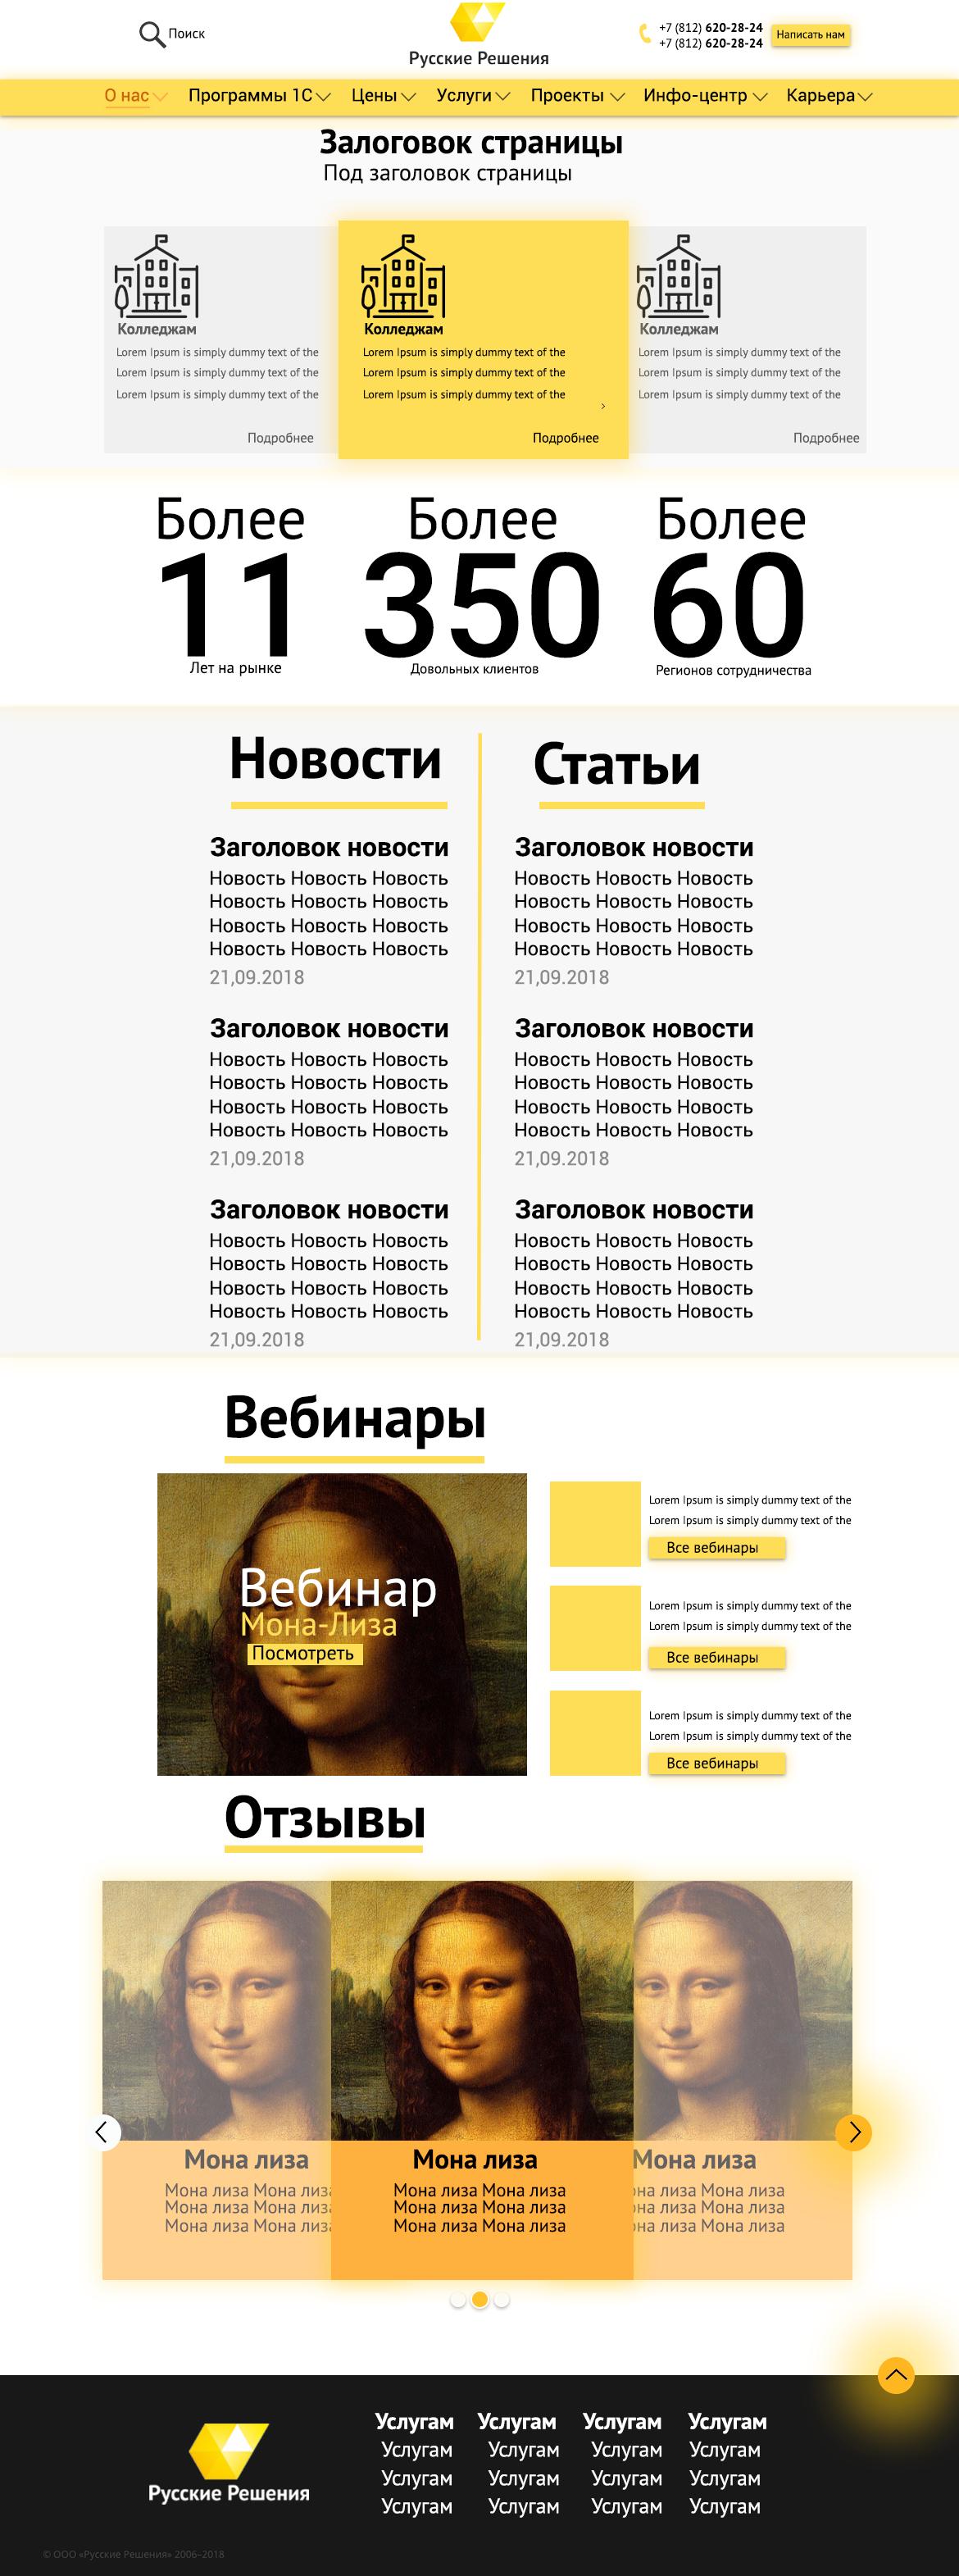 Дизайн главной страницы сайта фото f_6445a6209565fa9d.png